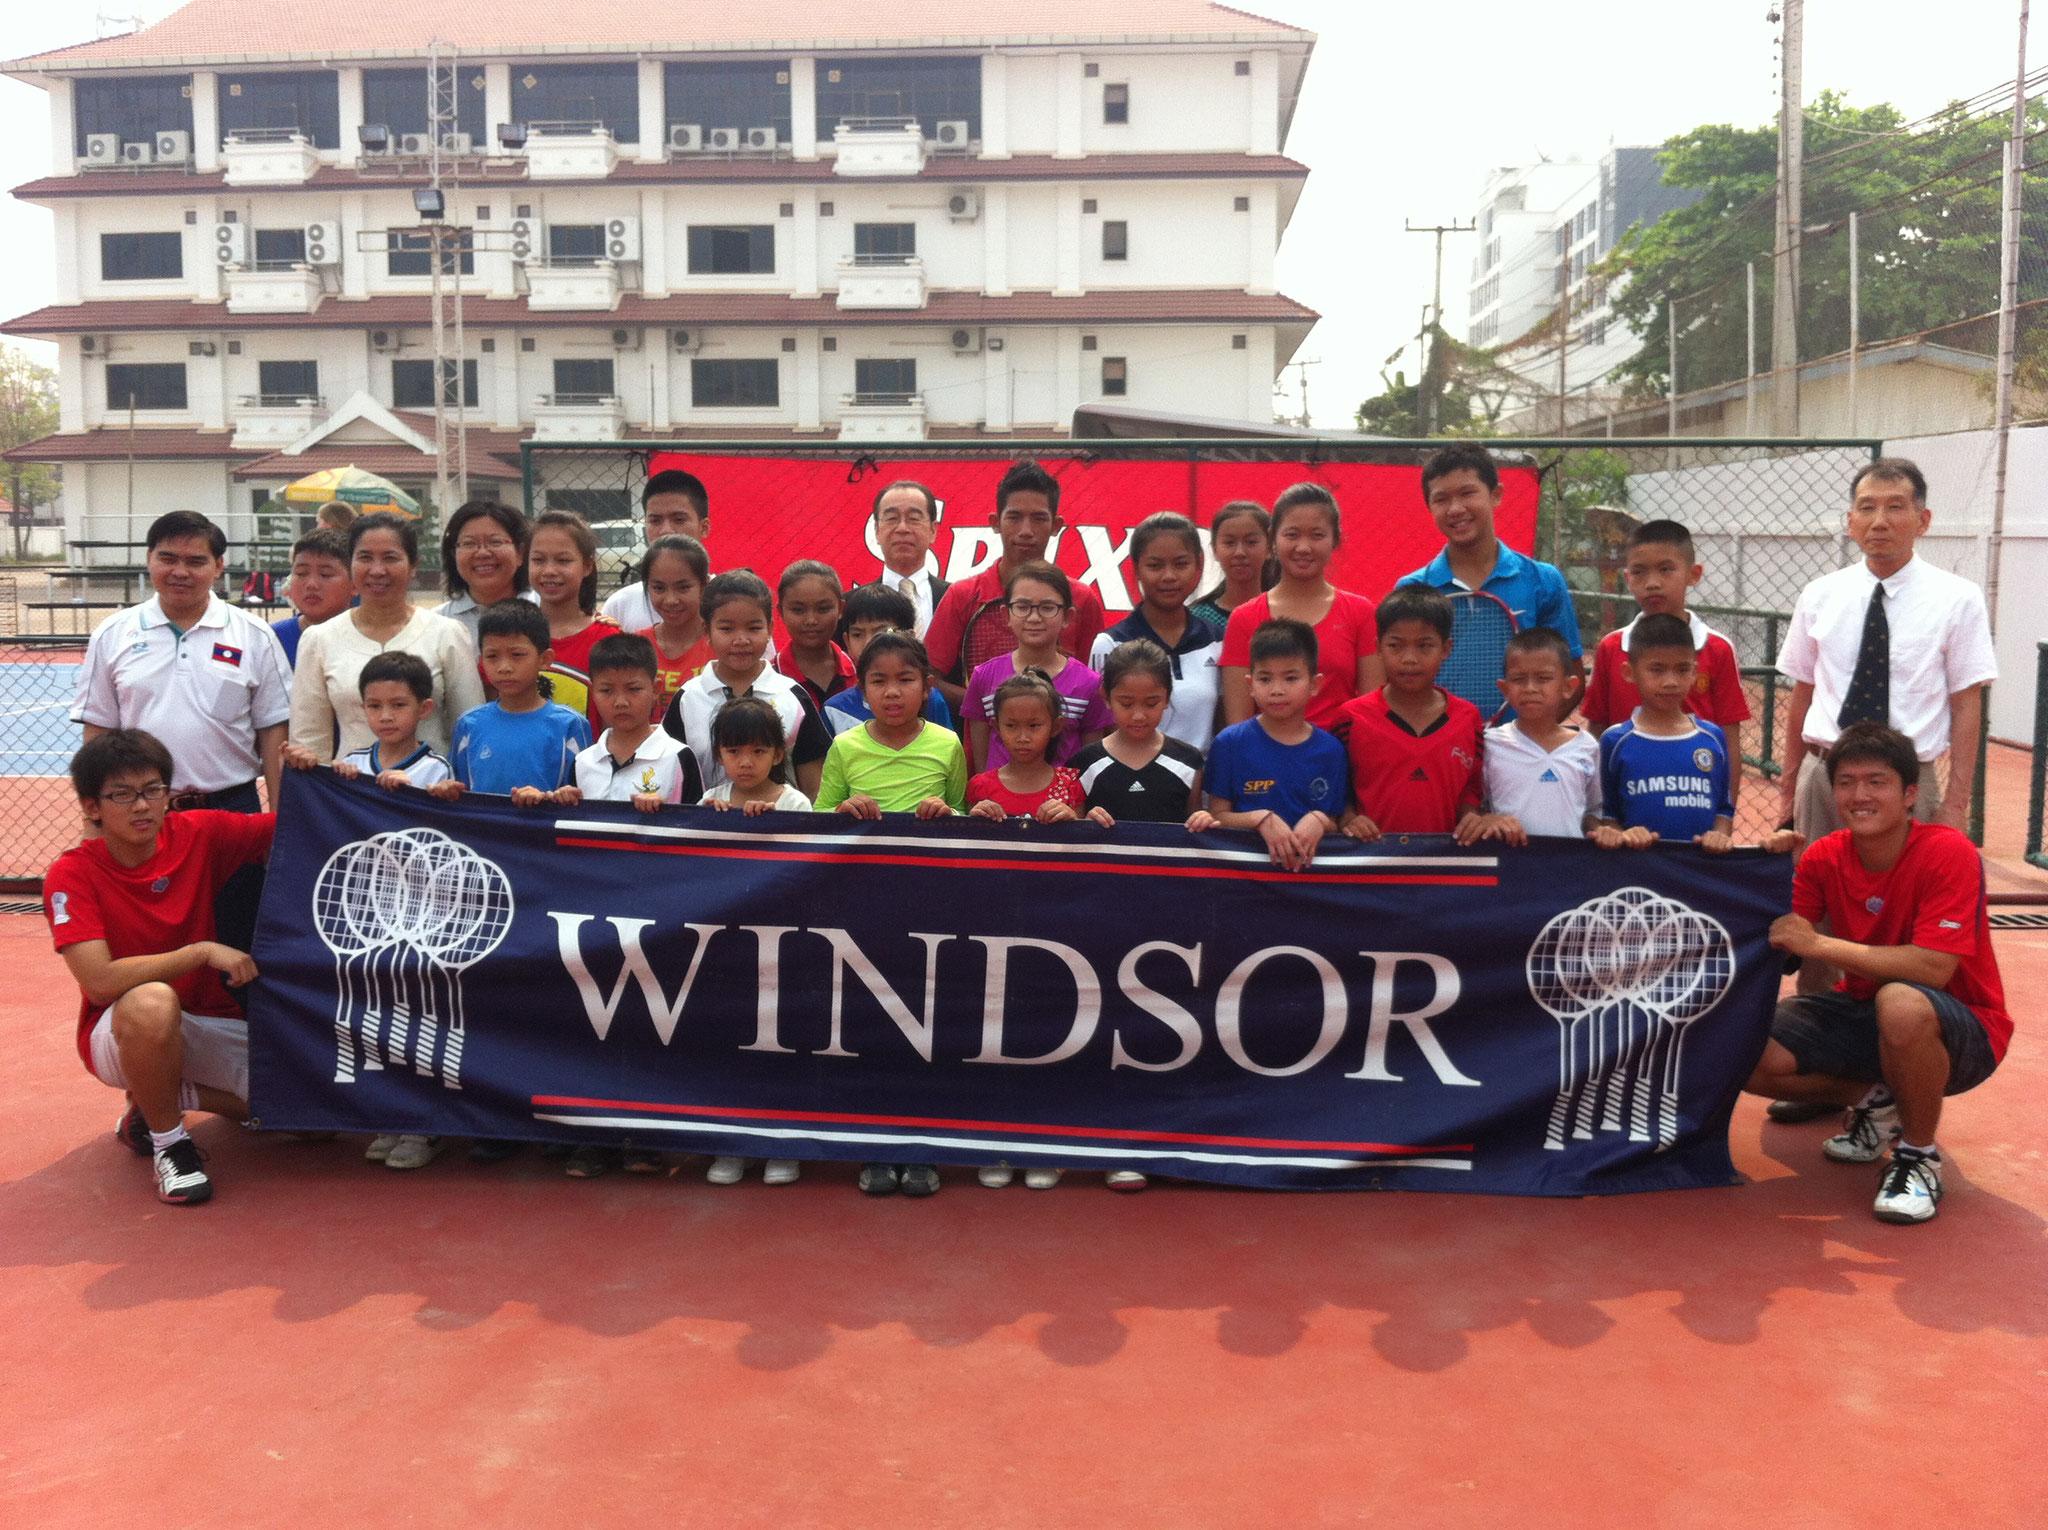 ラオステニス協会での集合写真